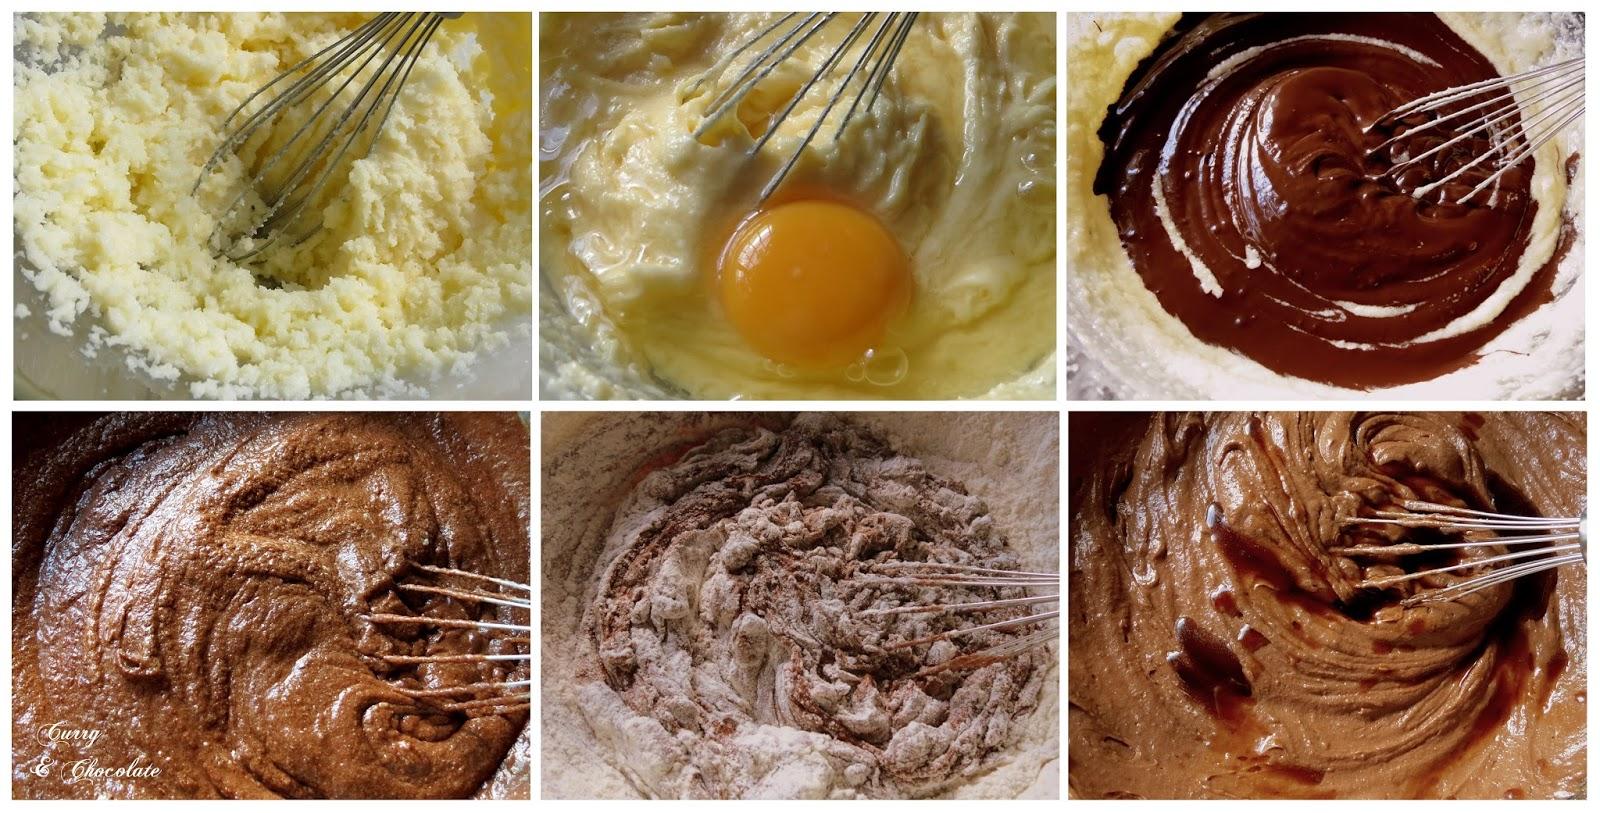 Preparando la masa del brownie